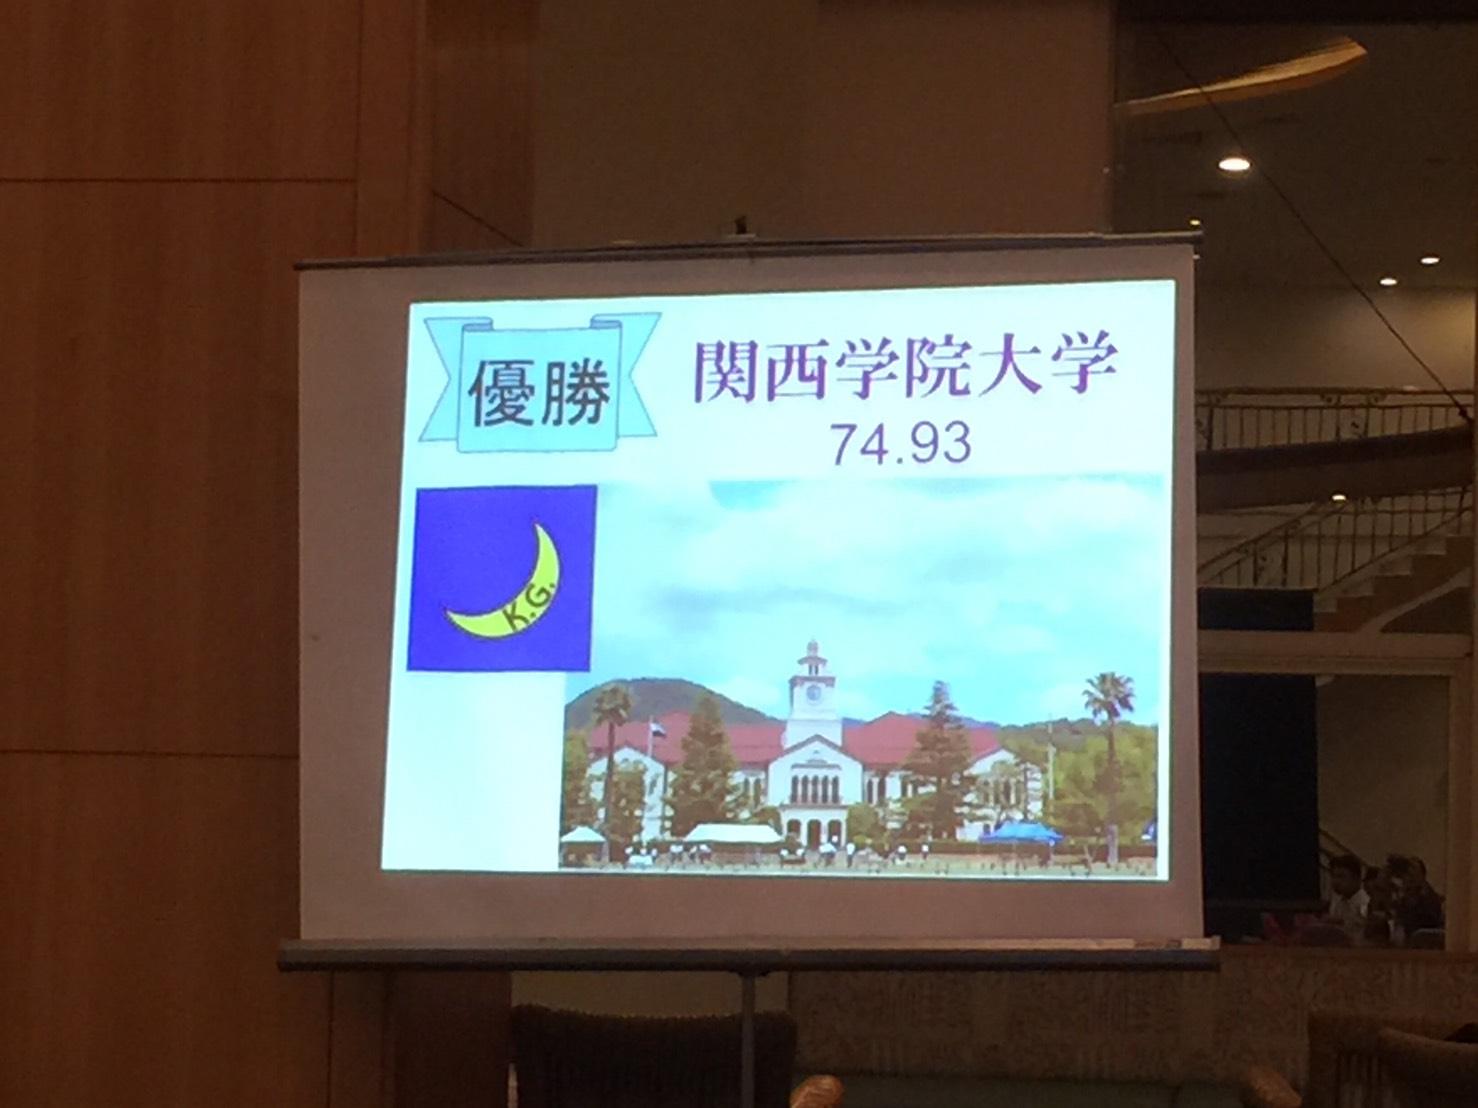 【台湾支部】20180603 関関ゴルフ対抗戦